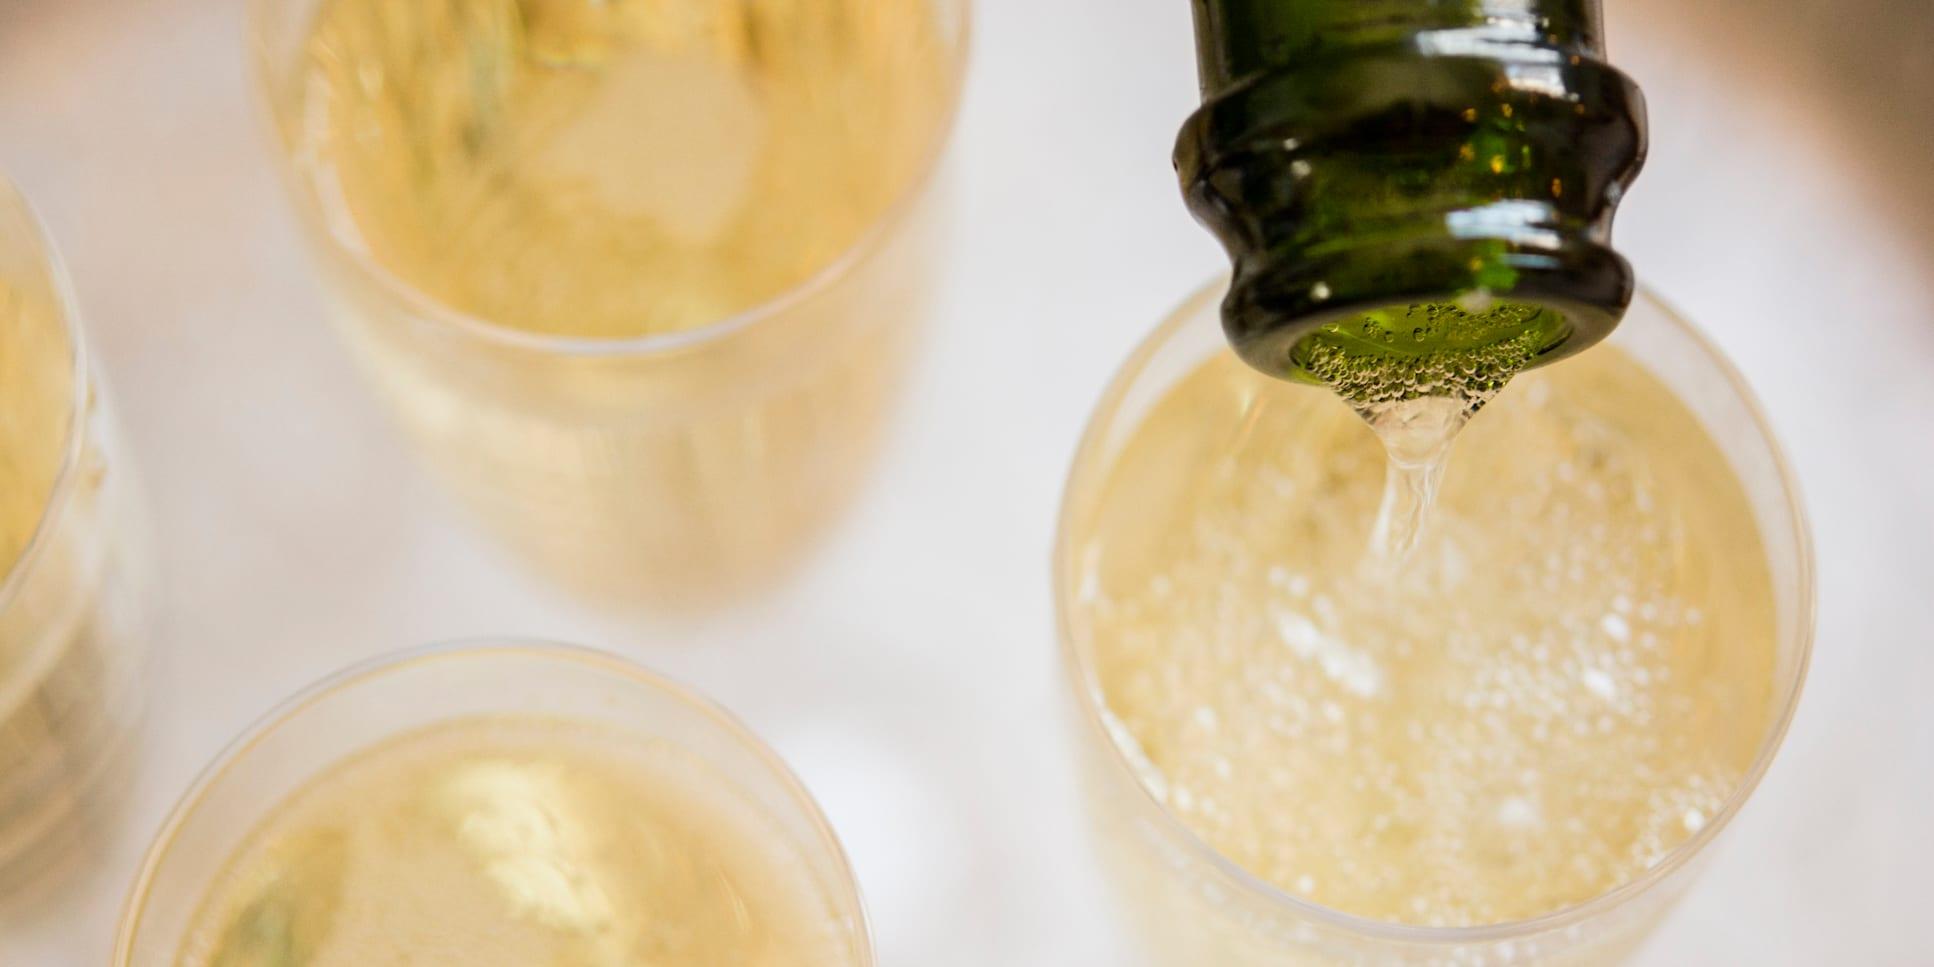 Flûtes à Champagne, bouteille, verser, Champagne, personne, horizontal, photo en studio, jour, panorama, événement, élégance, rafraîchissement, alcool, flûtes, nourriture et boisson, luxueux, boisson